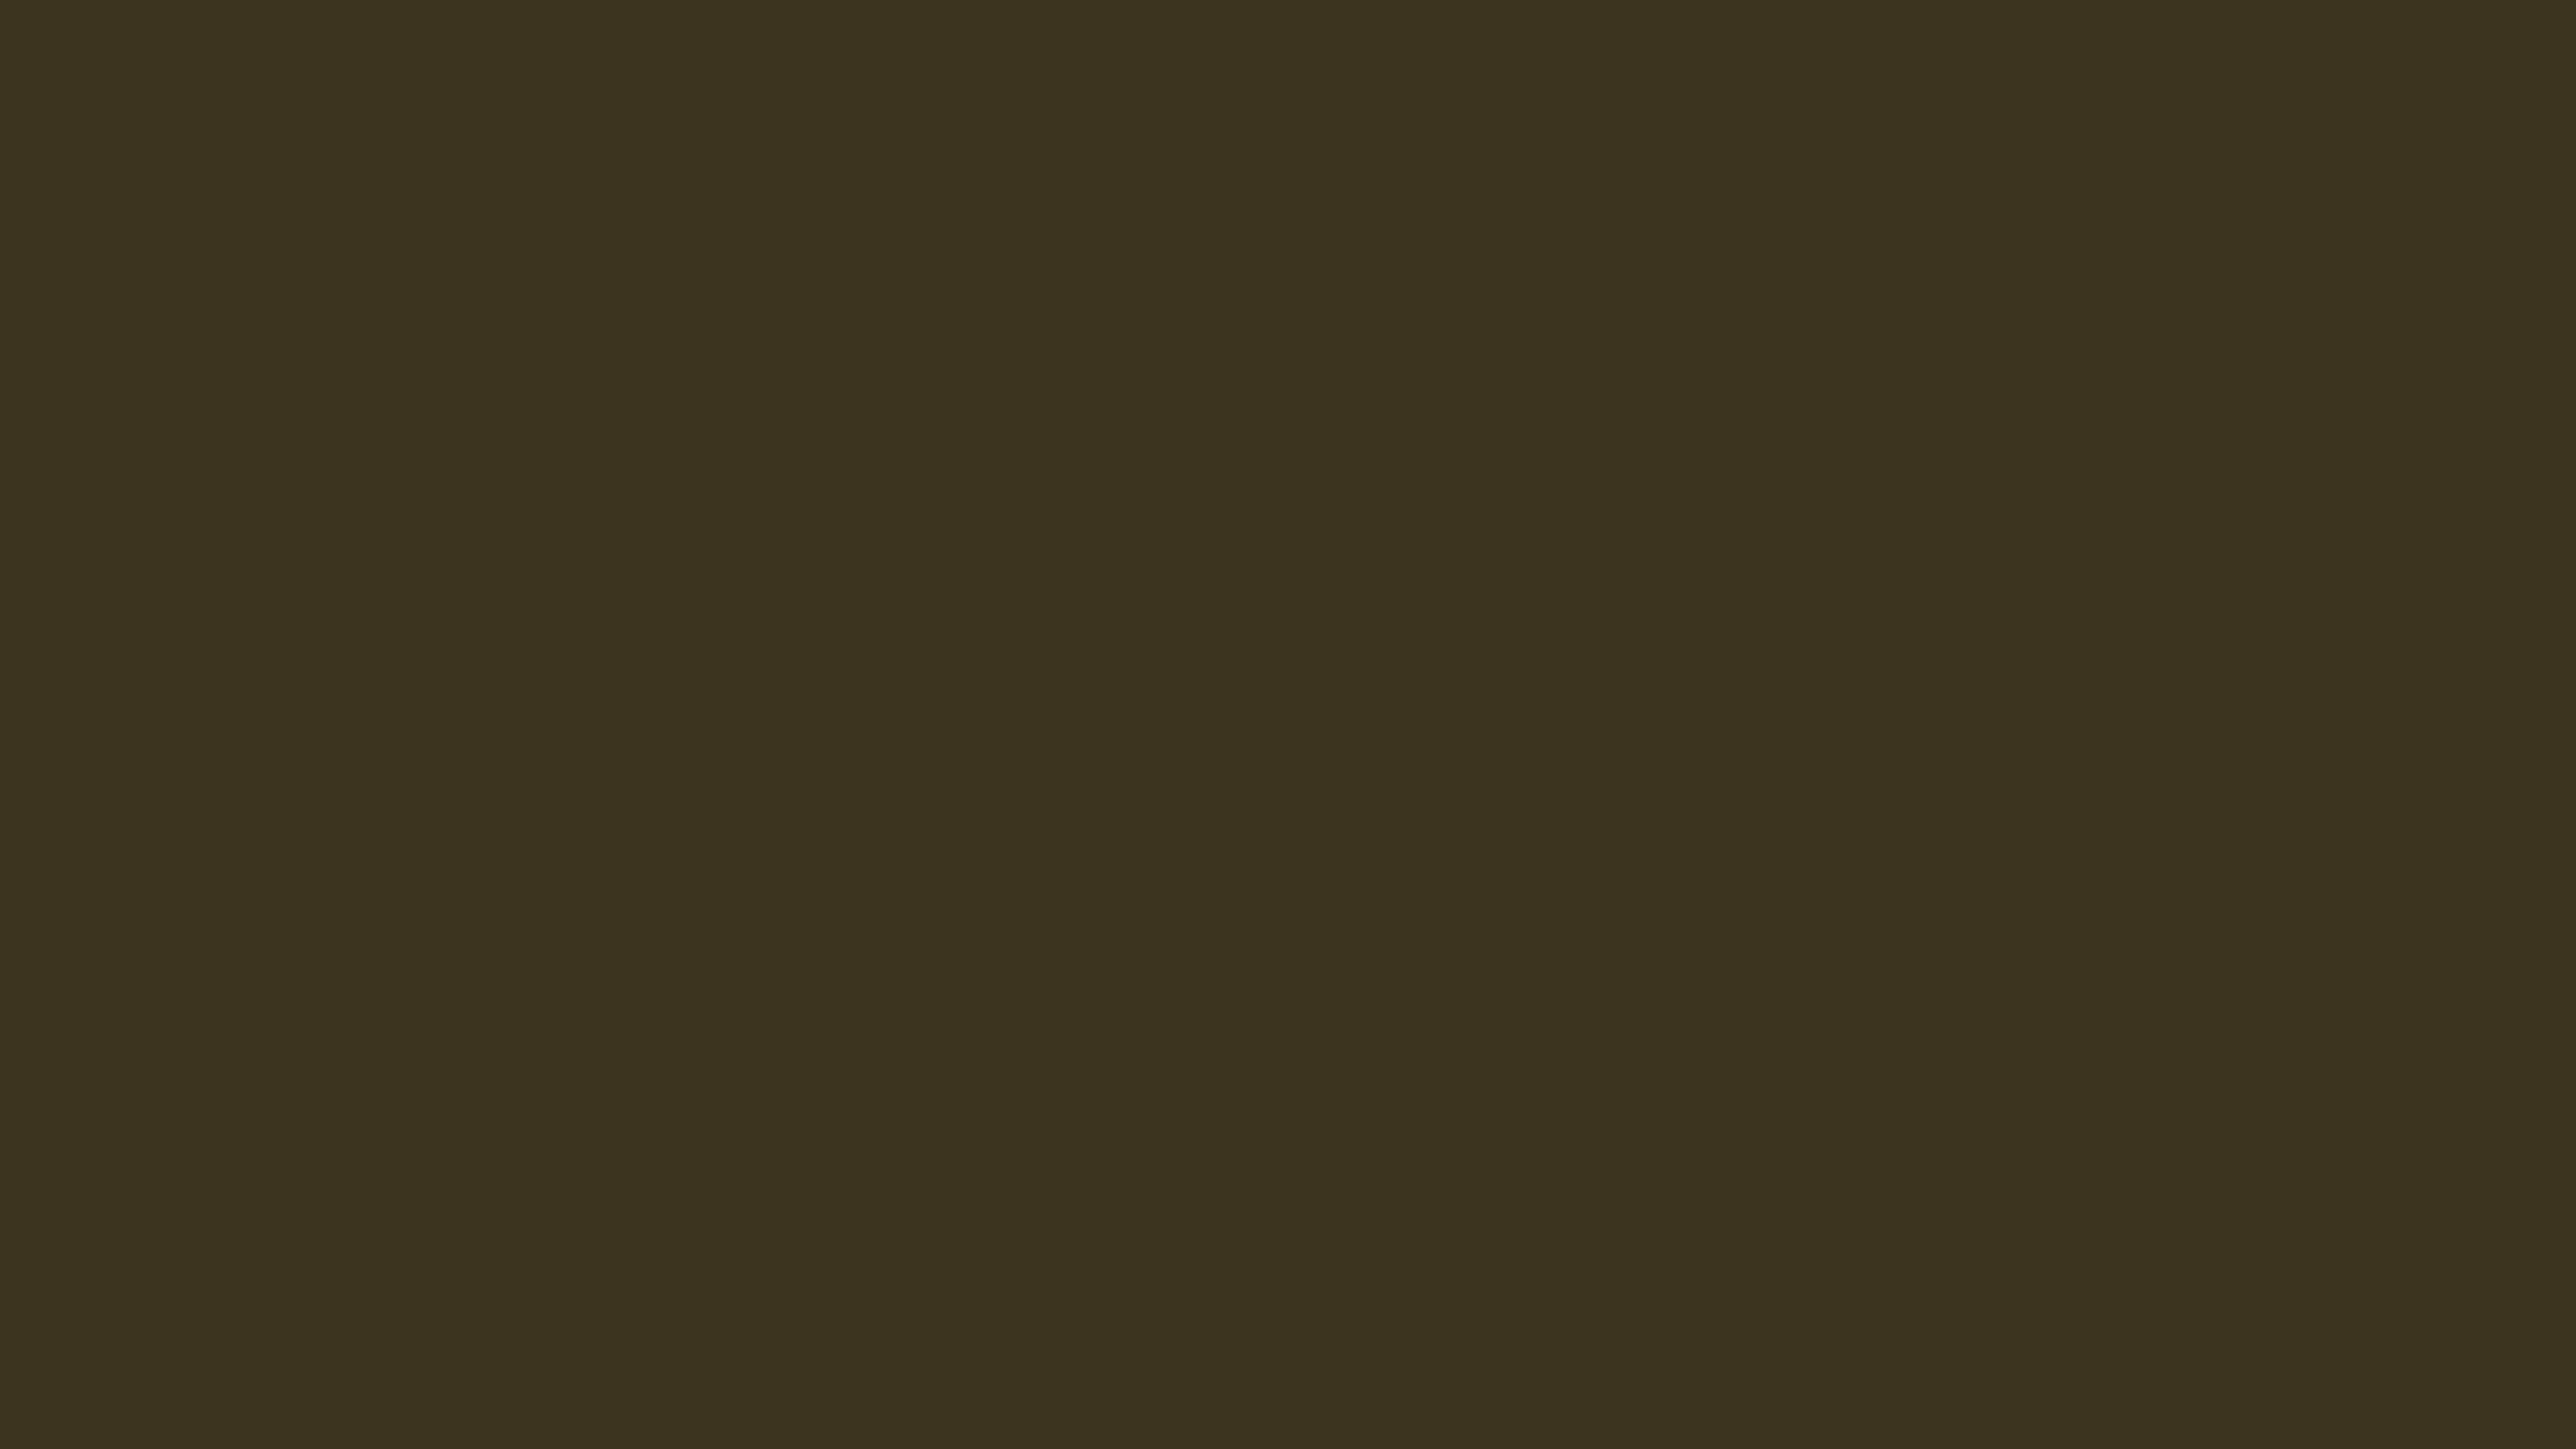 5120x2880 Olive Drab Number Seven Solid Color Background